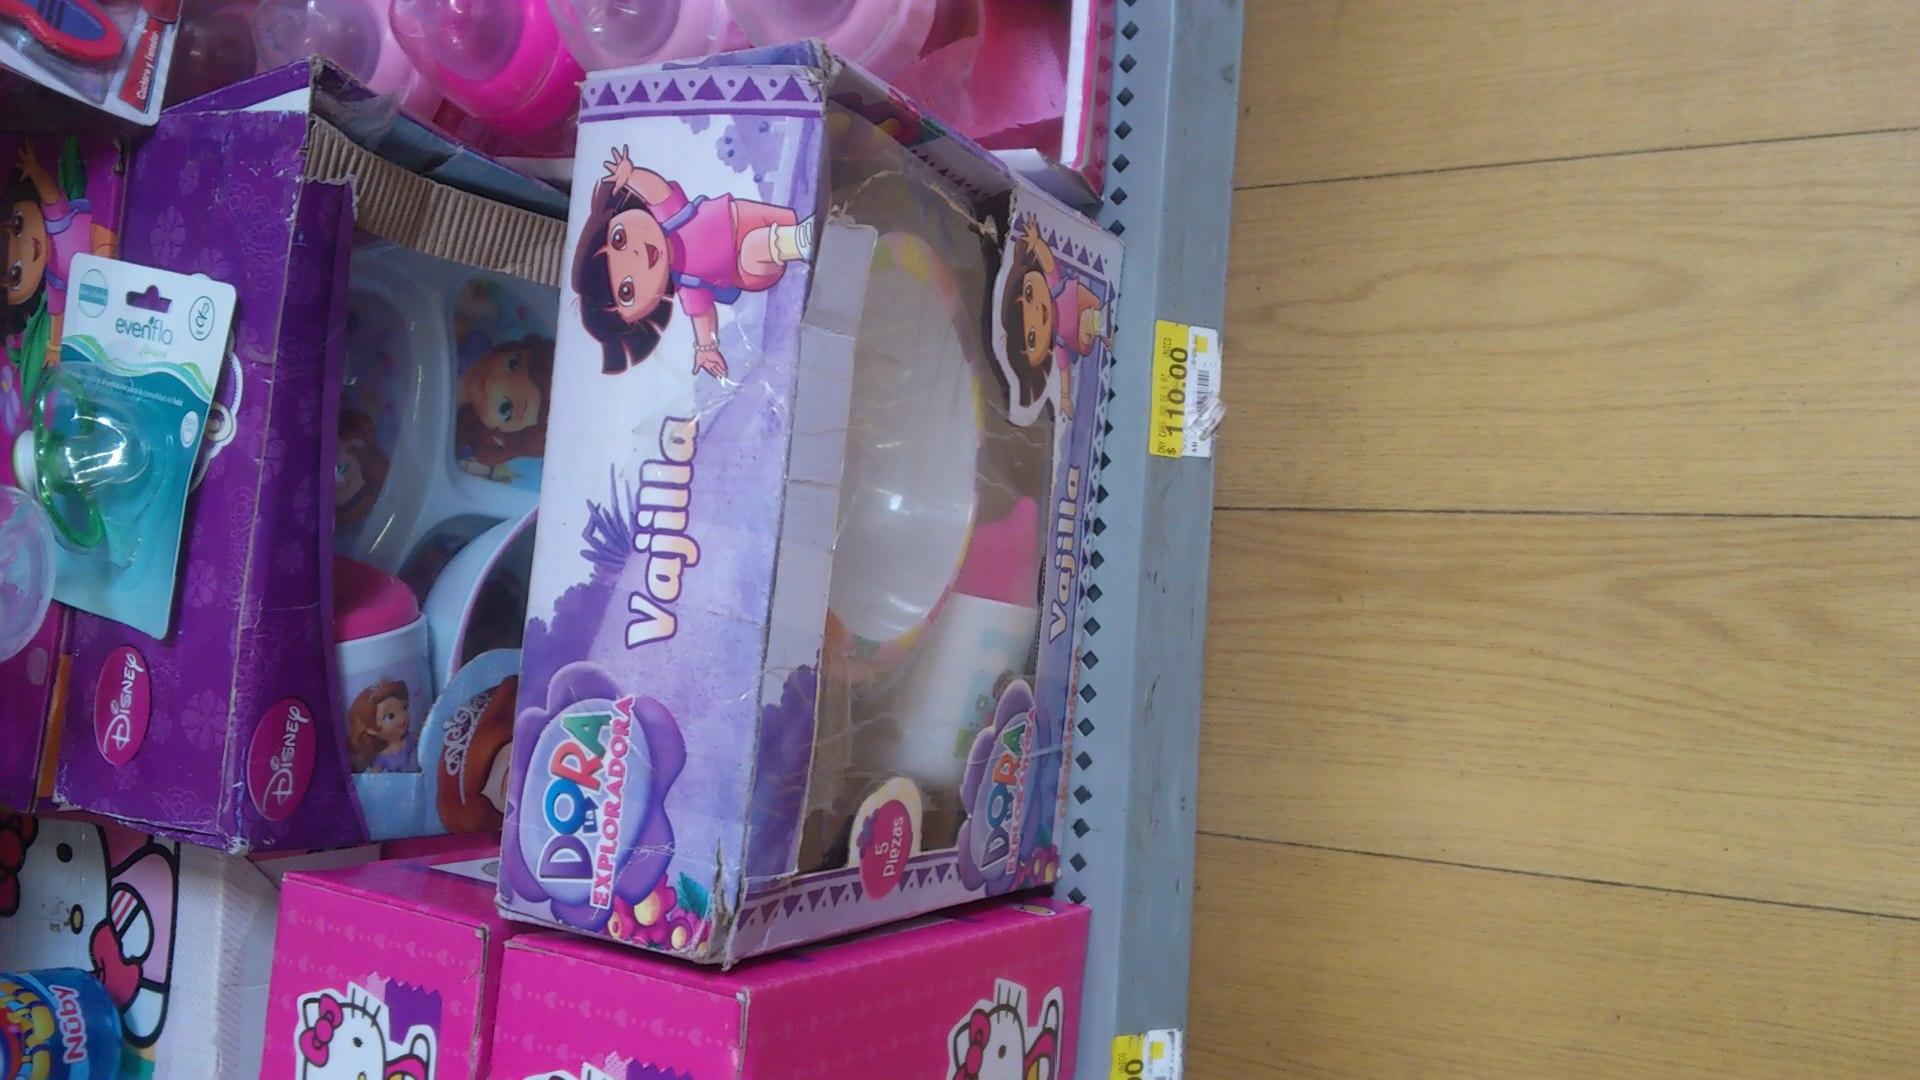 Walmart Aeropuerto Tampico-Vajilla Disney Princesita Sofía $10 y Juego de Dados Pretul $125.02